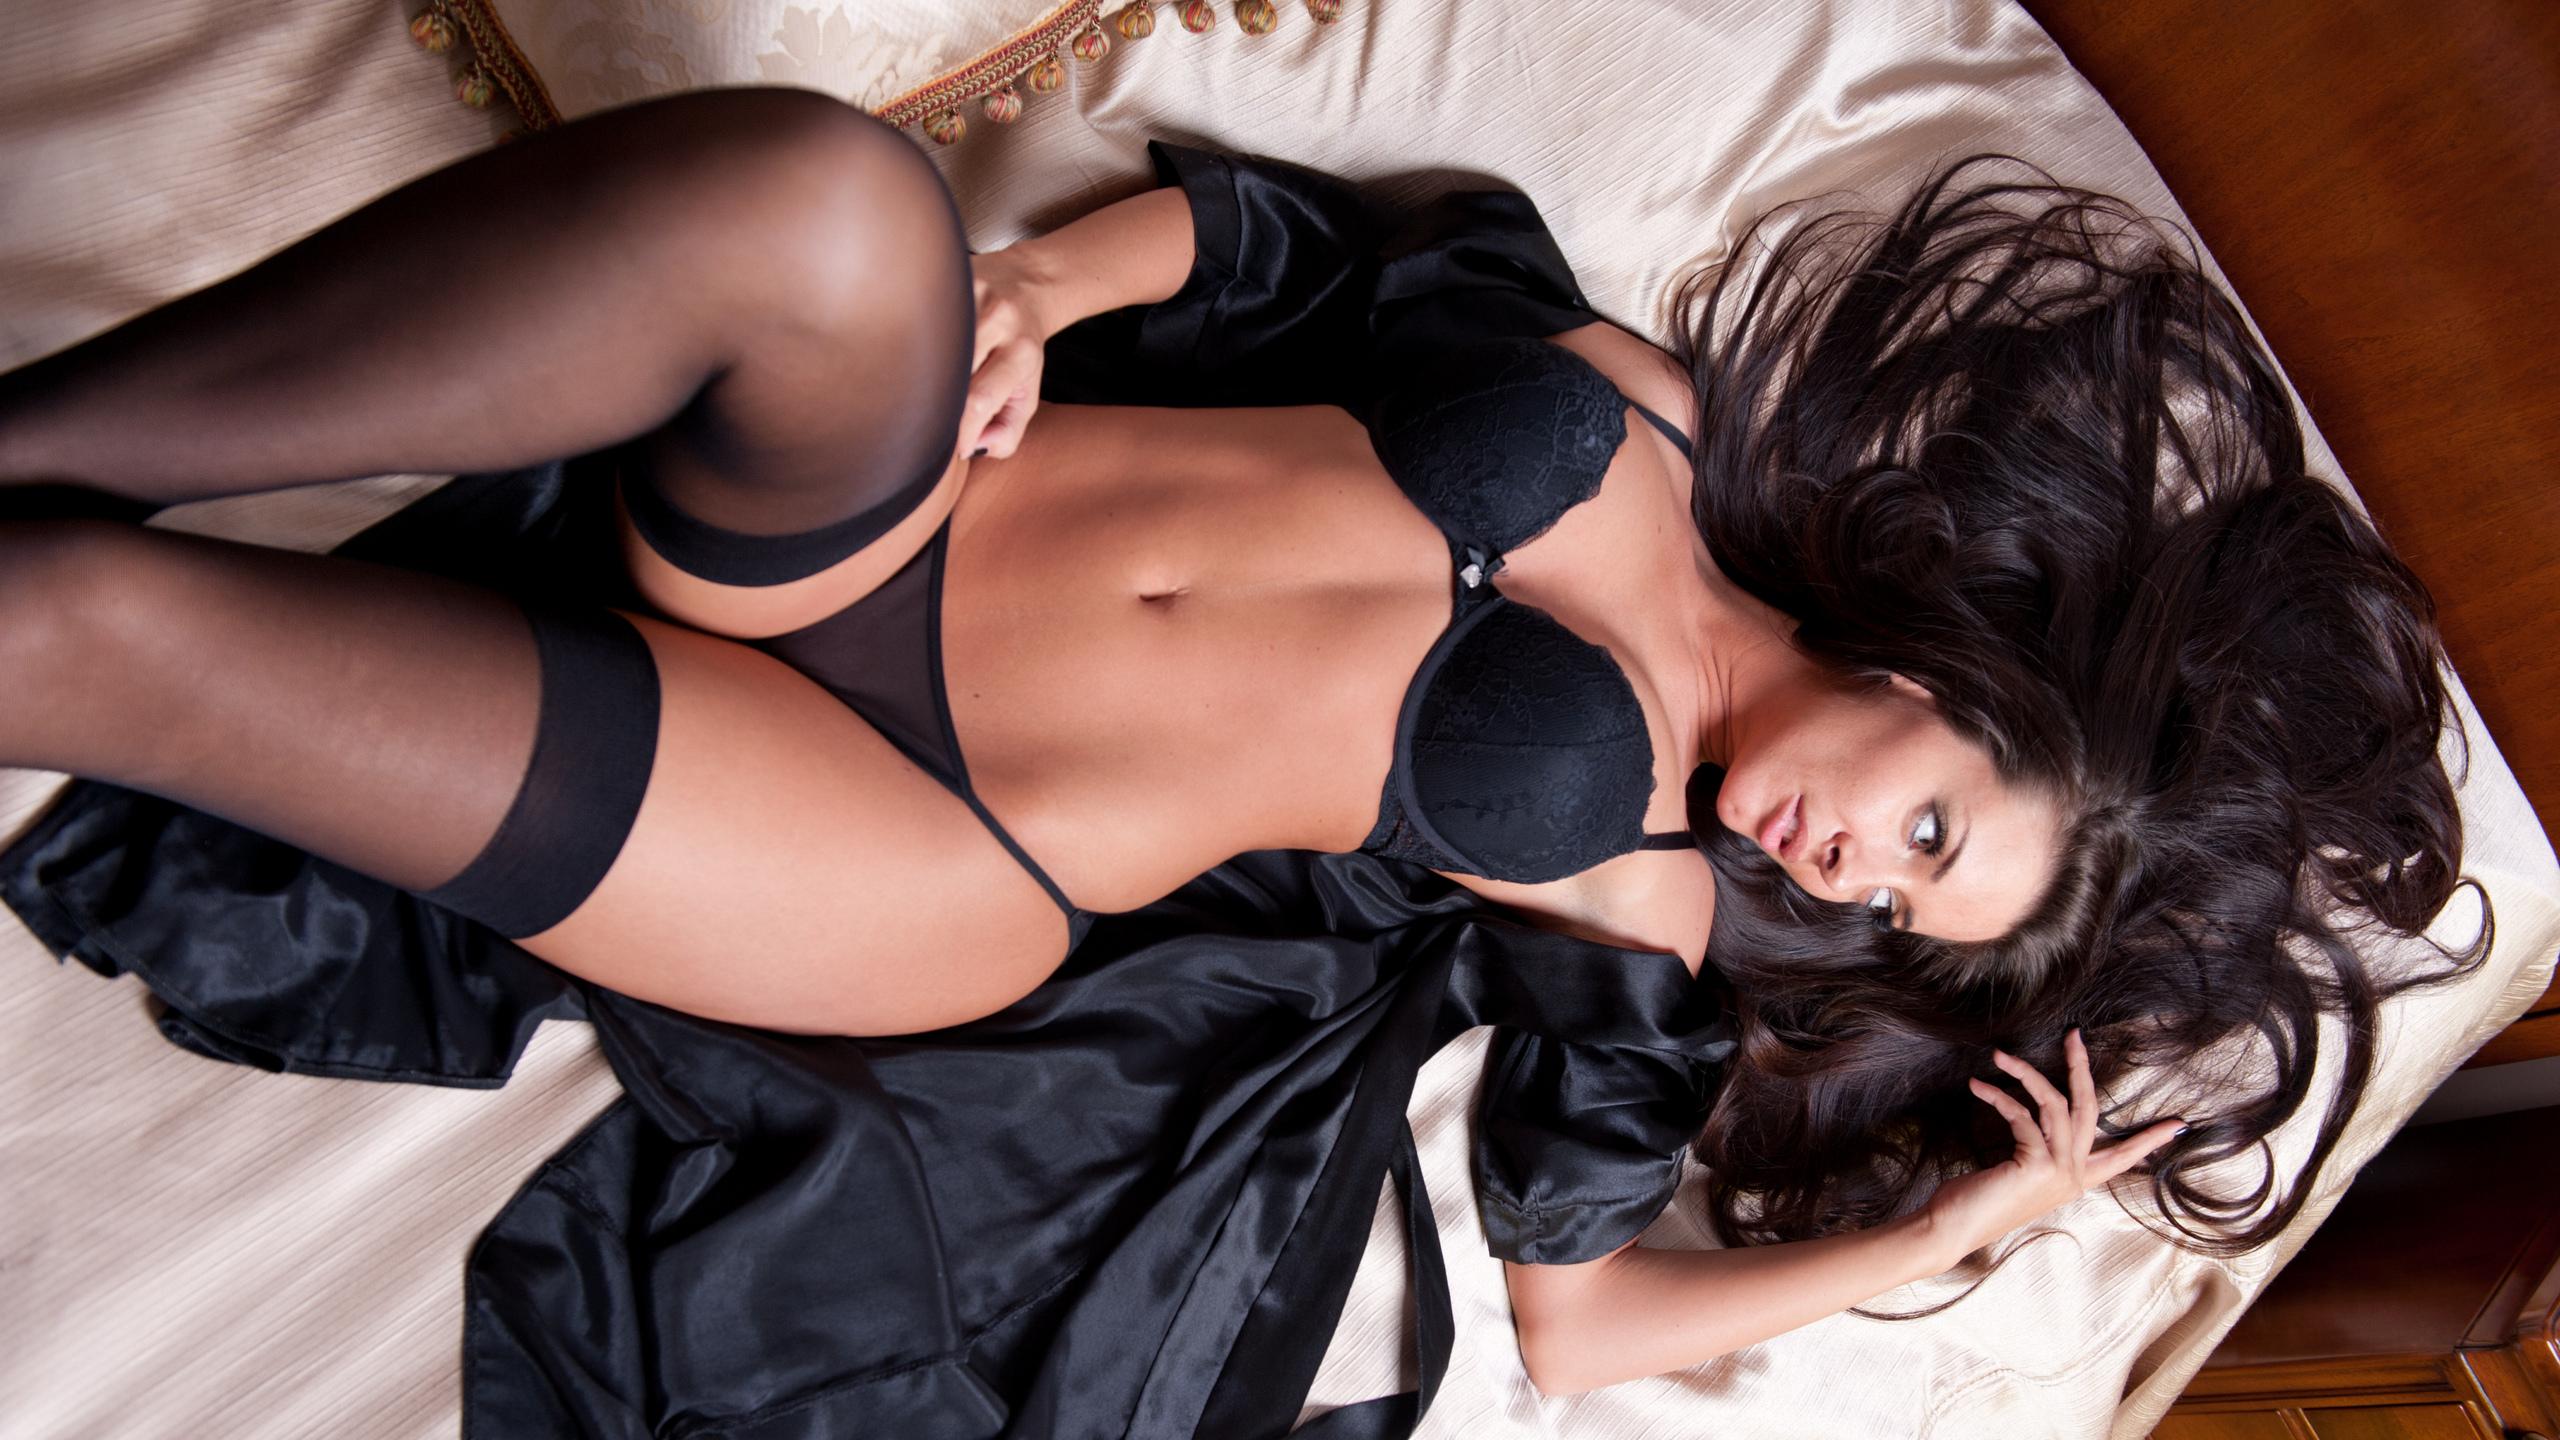 Попу эротические фото с черными девушками порно фото женщин